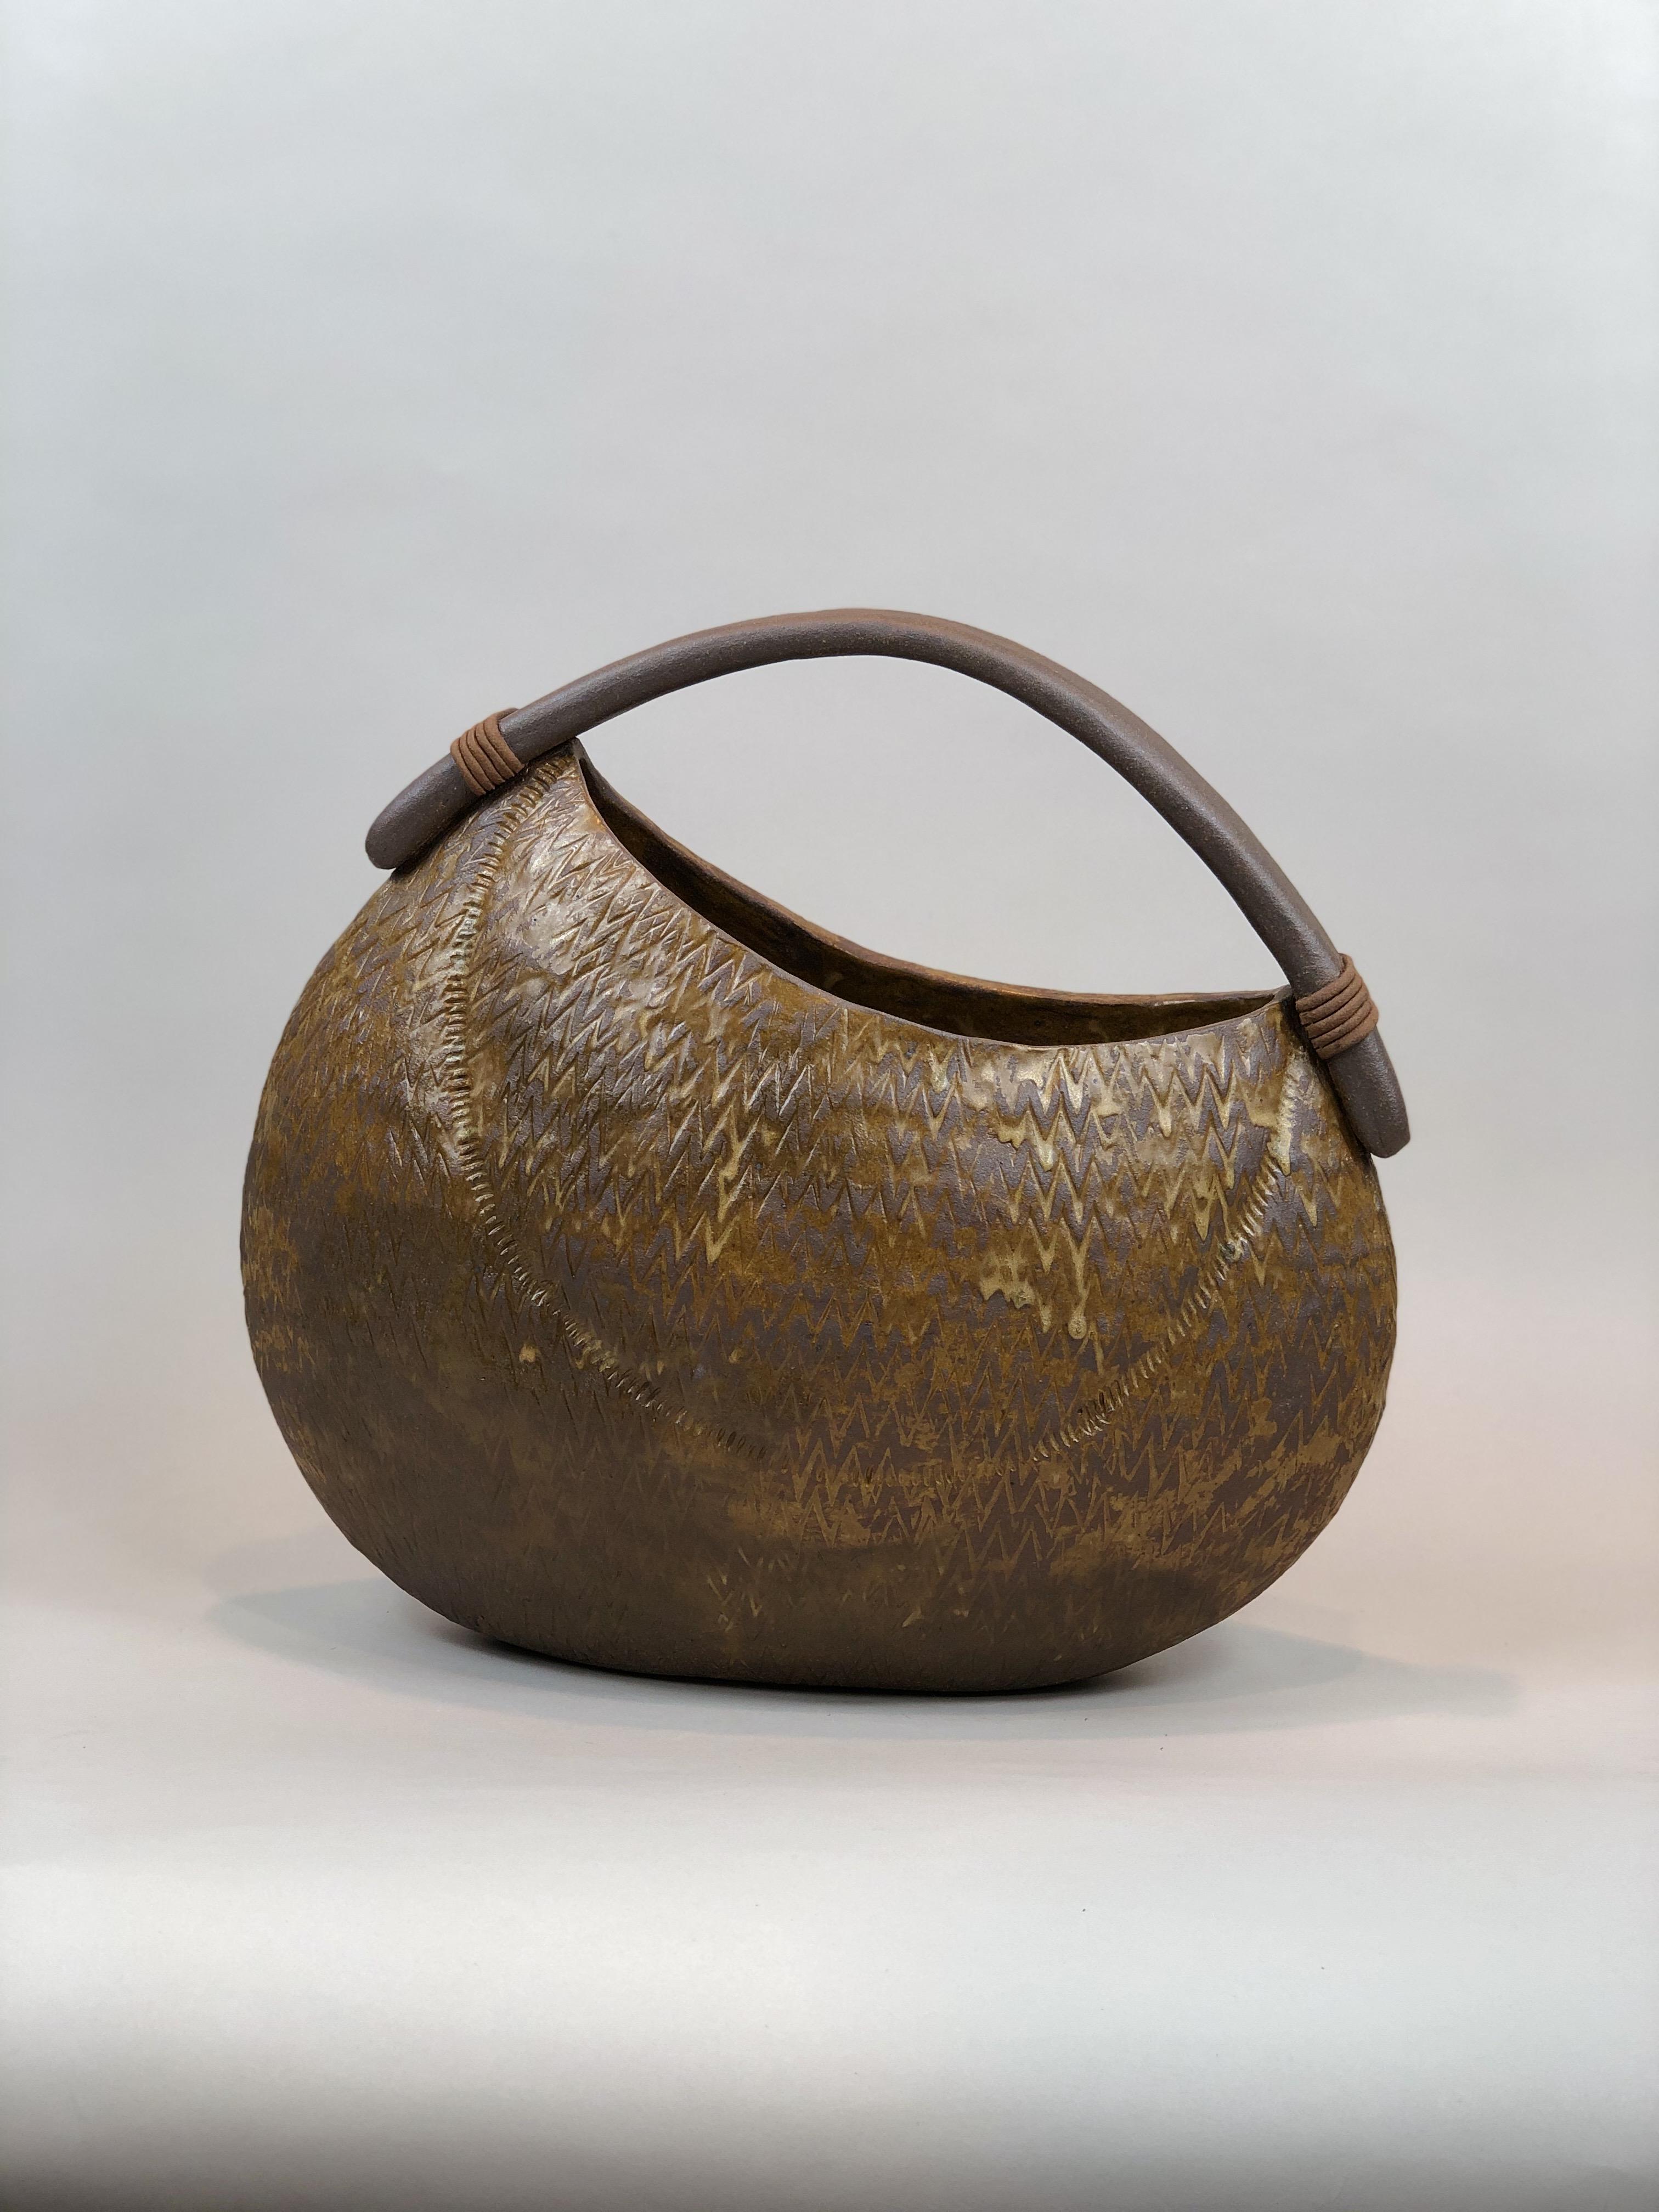 Basket vase